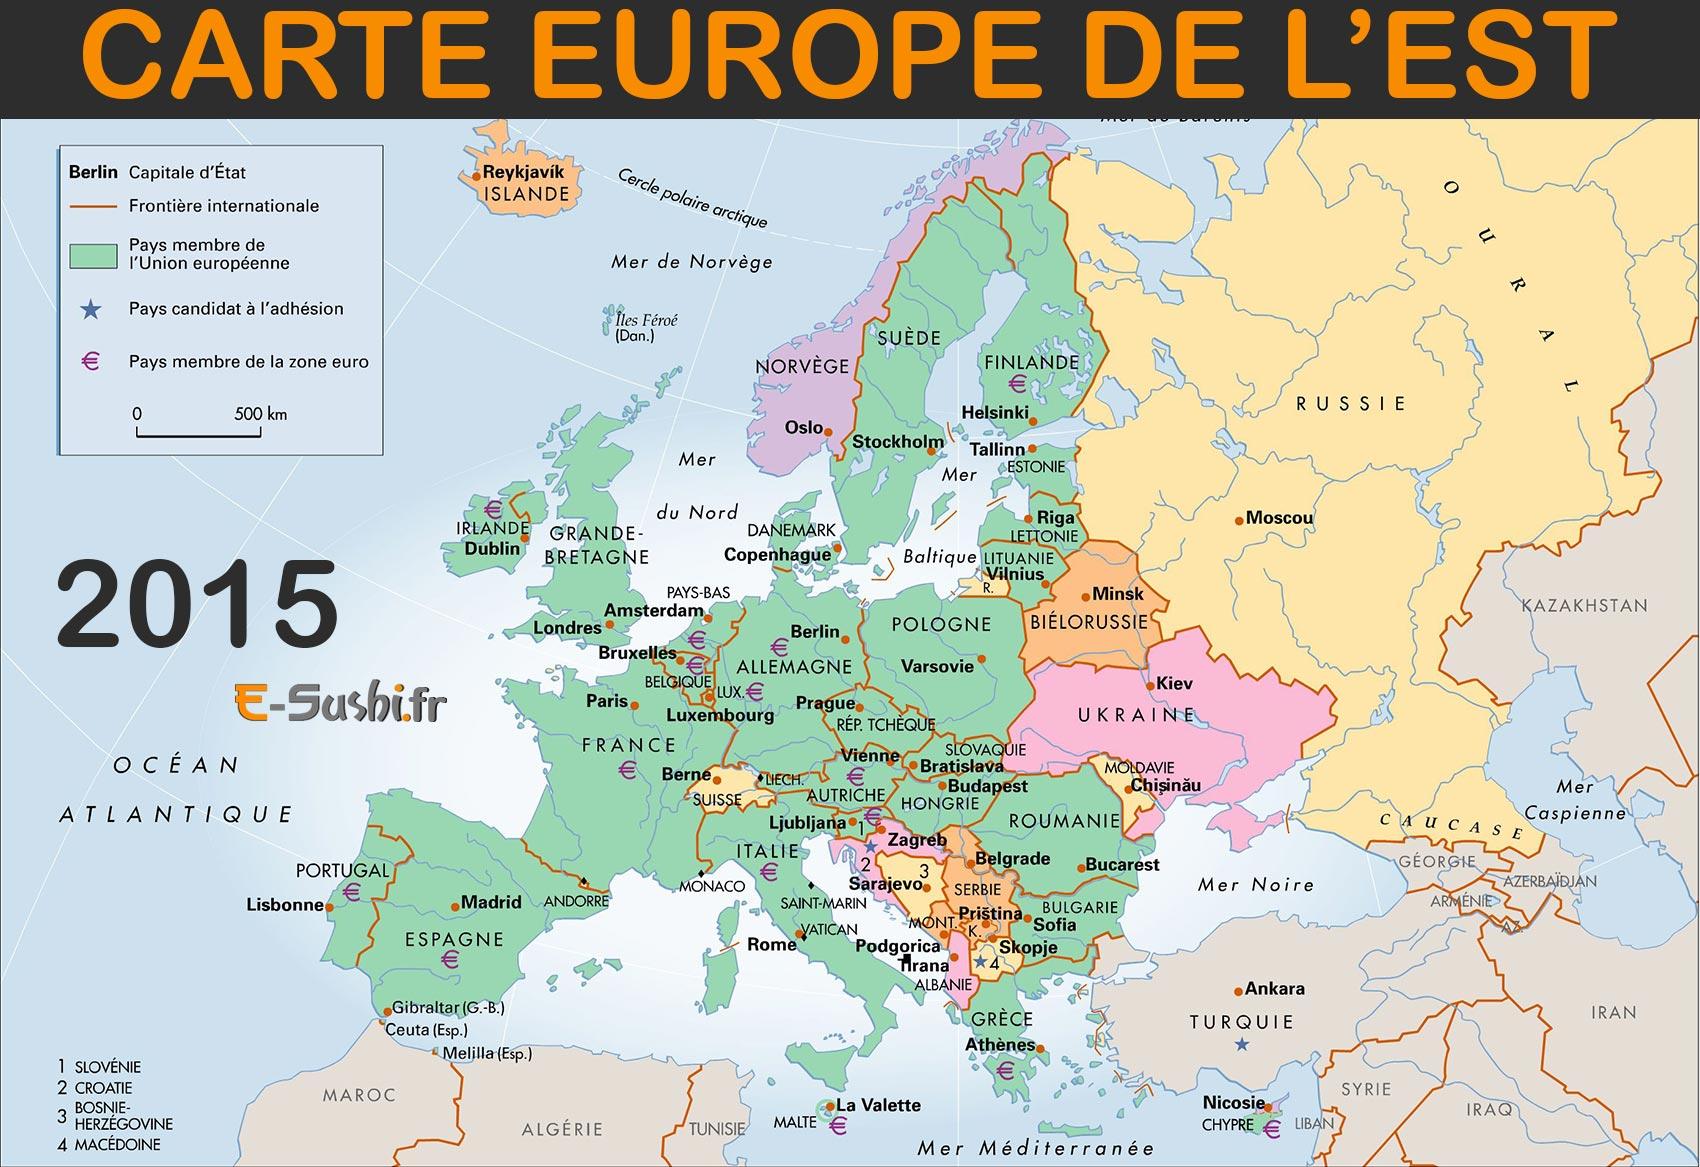 Carte Europe De L'est - Images Et Photos - Arts Et Voyages concernant Carte D Europe Avec Pays Et Capitales